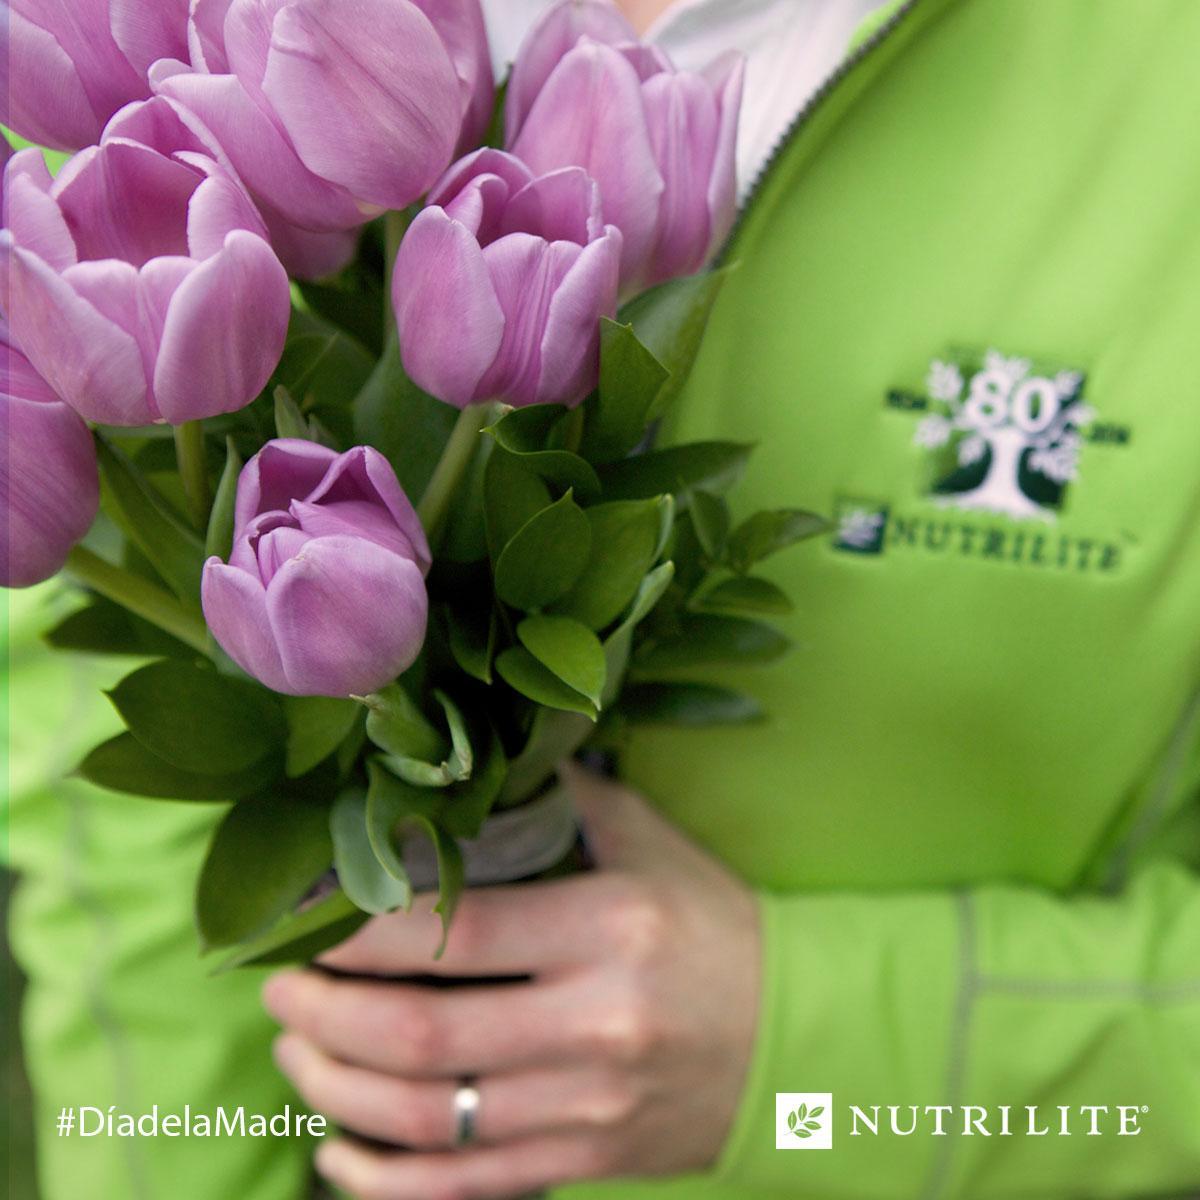 Te deseamos abundancia de salud y felicidad. ¡Feliz día de la Madre! (RT a alguien que aprecies) #Nutrilite http://t.co/pUtJJ7mCgA